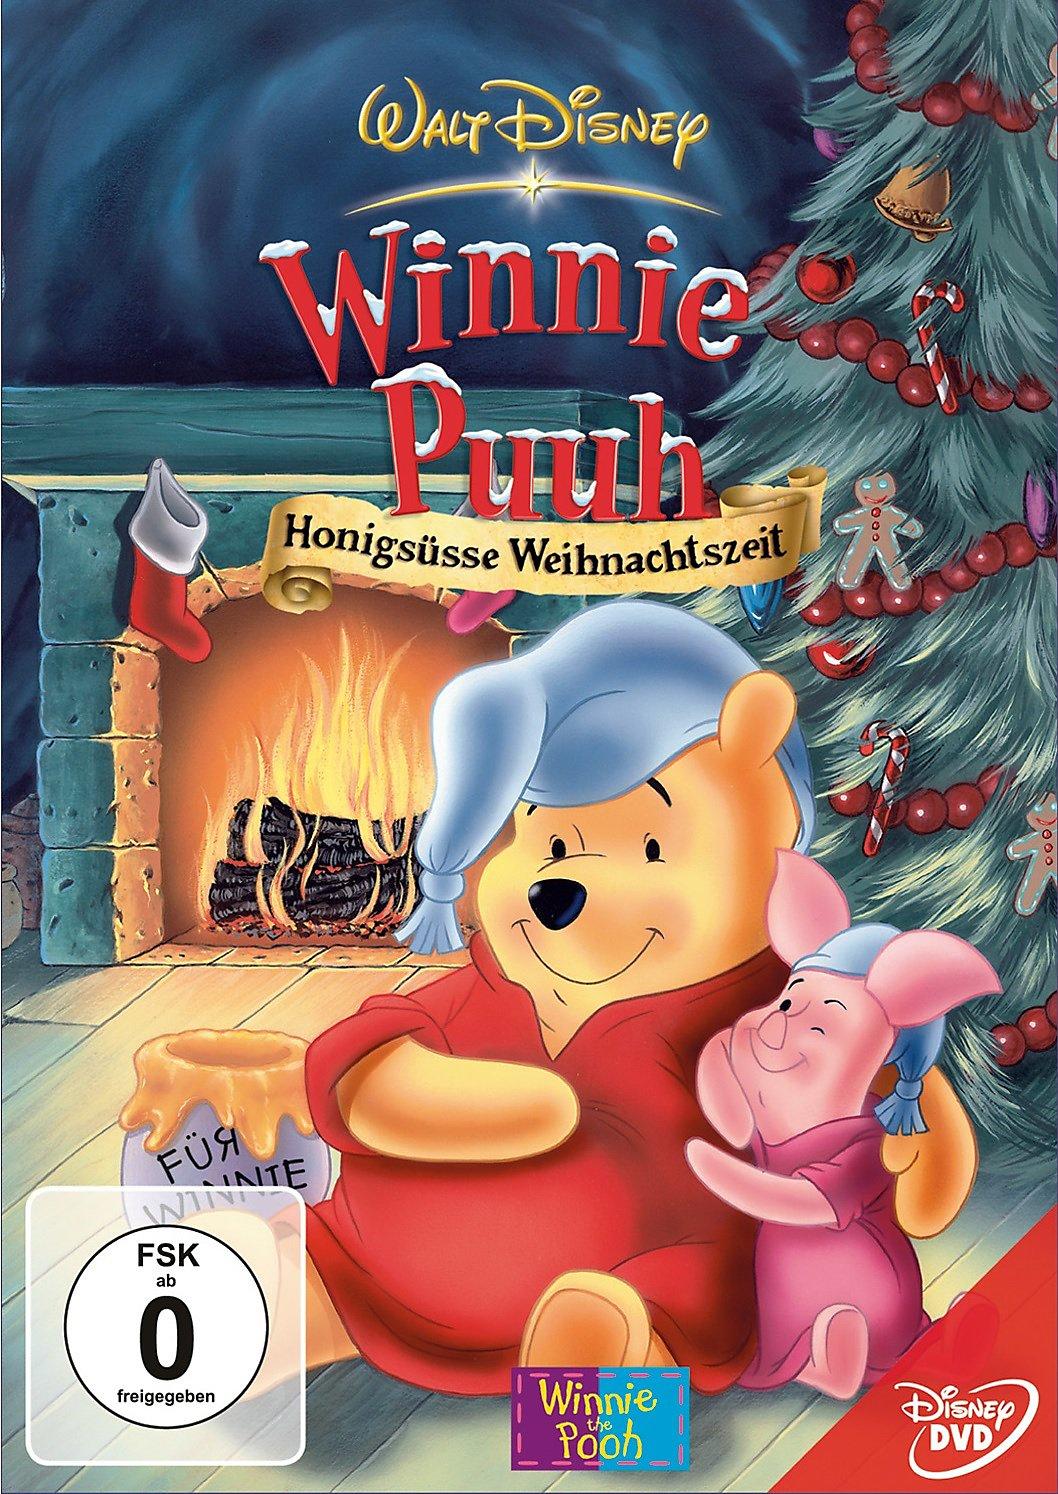 Winnie Puuh - Honigsüsse Weihnachtszeit DVD | Weltbild.de